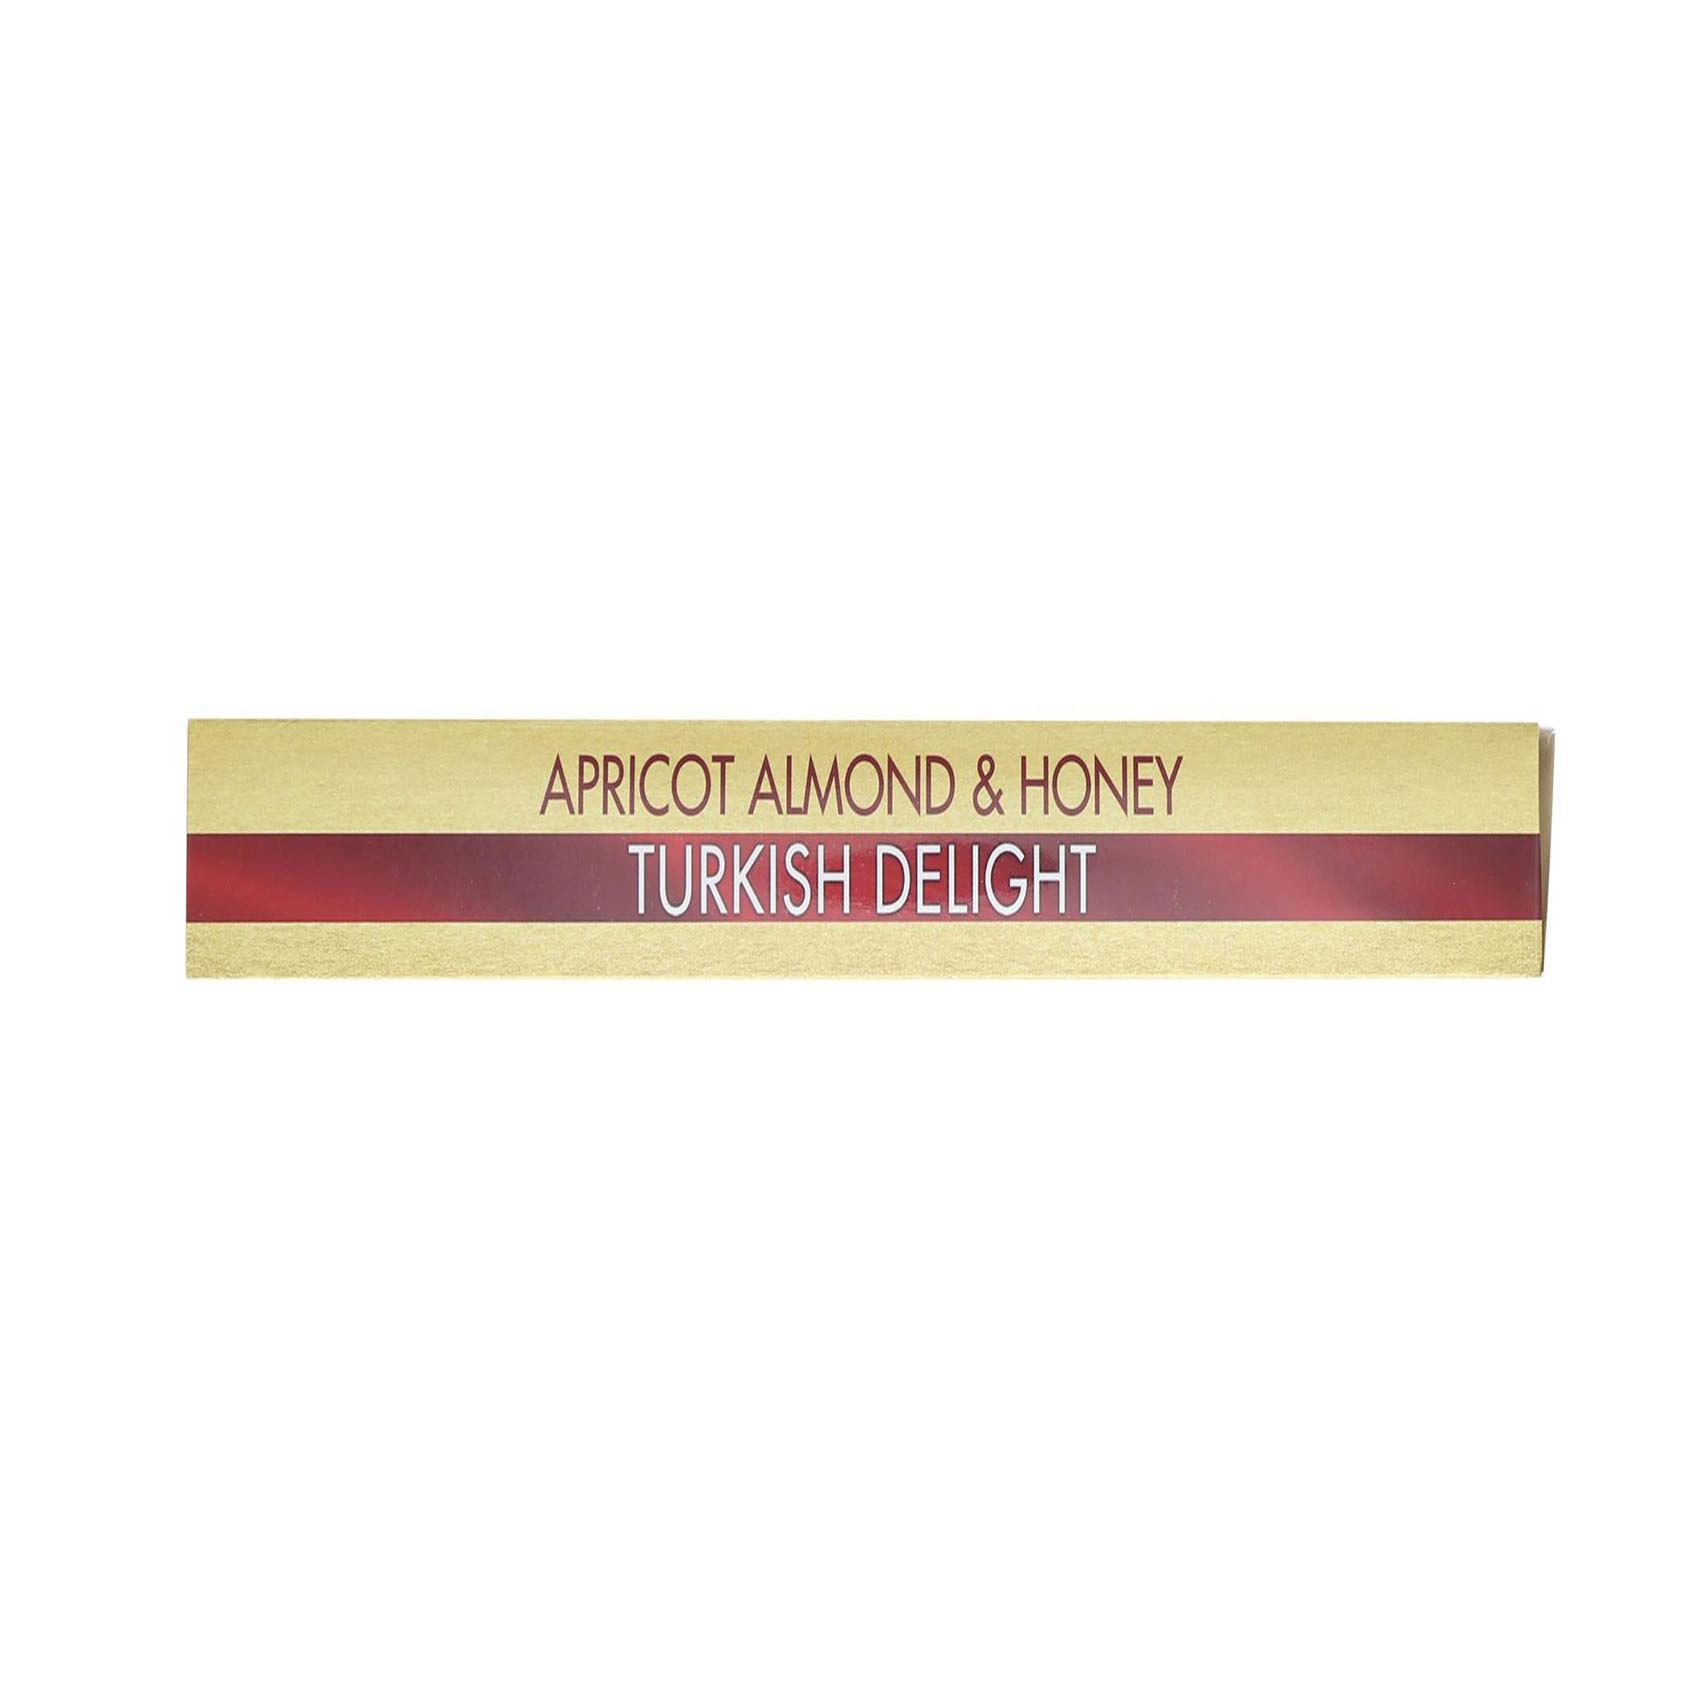 HAZER BABA APR/HON/ALMOND 454GR